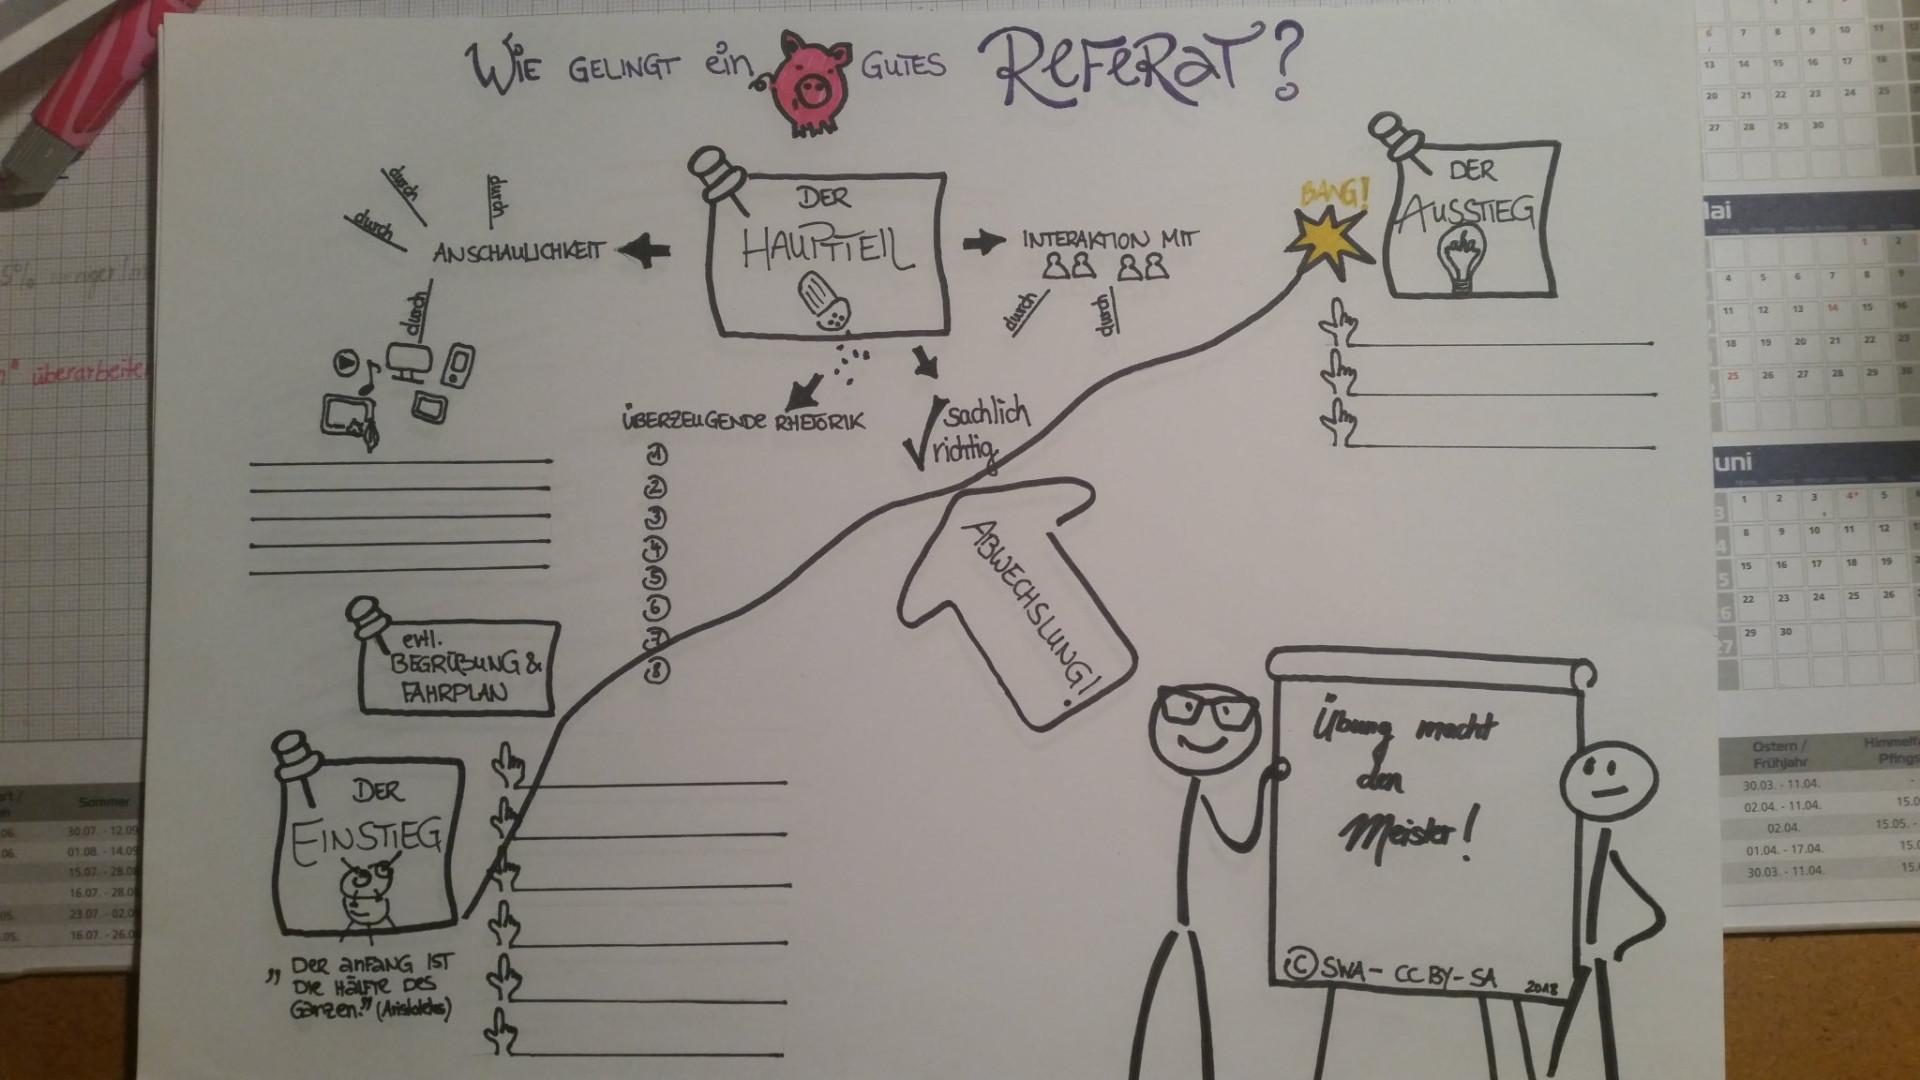 Sketchnote von der Twitterteilnehmerin Manuela SWA unter dem Nutzernamen @m4nUE_212 mit dem Hashtag #BayernEdu zum Thema: Wie gelingt ein gutes Referat?